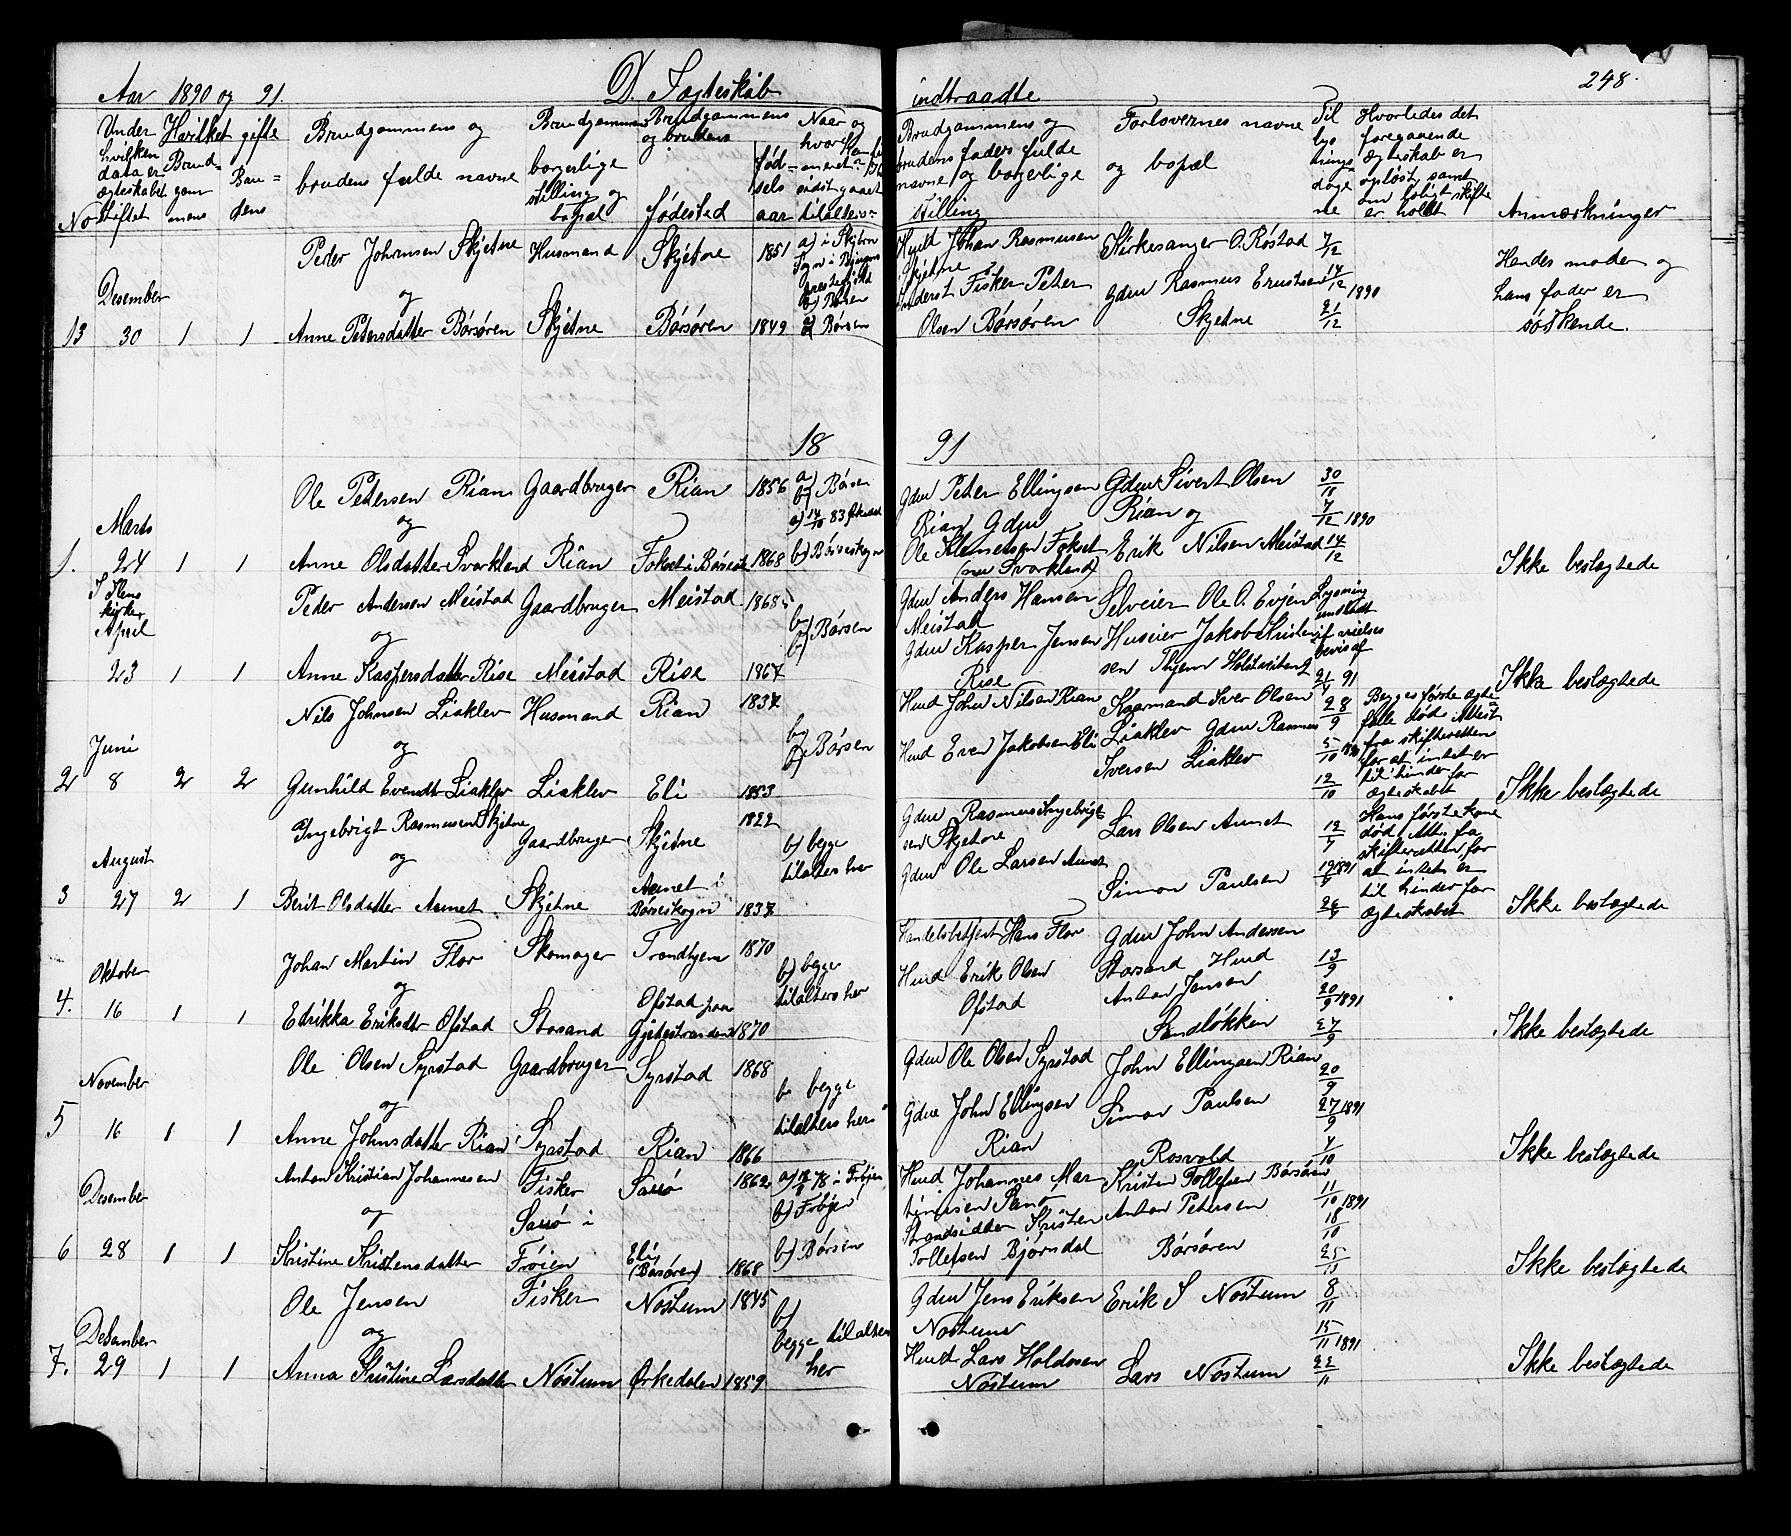 SAT, Ministerialprotokoller, klokkerbøker og fødselsregistre - Sør-Trøndelag, 665/L0777: Klokkerbok nr. 665C02, 1867-1915, s. 248